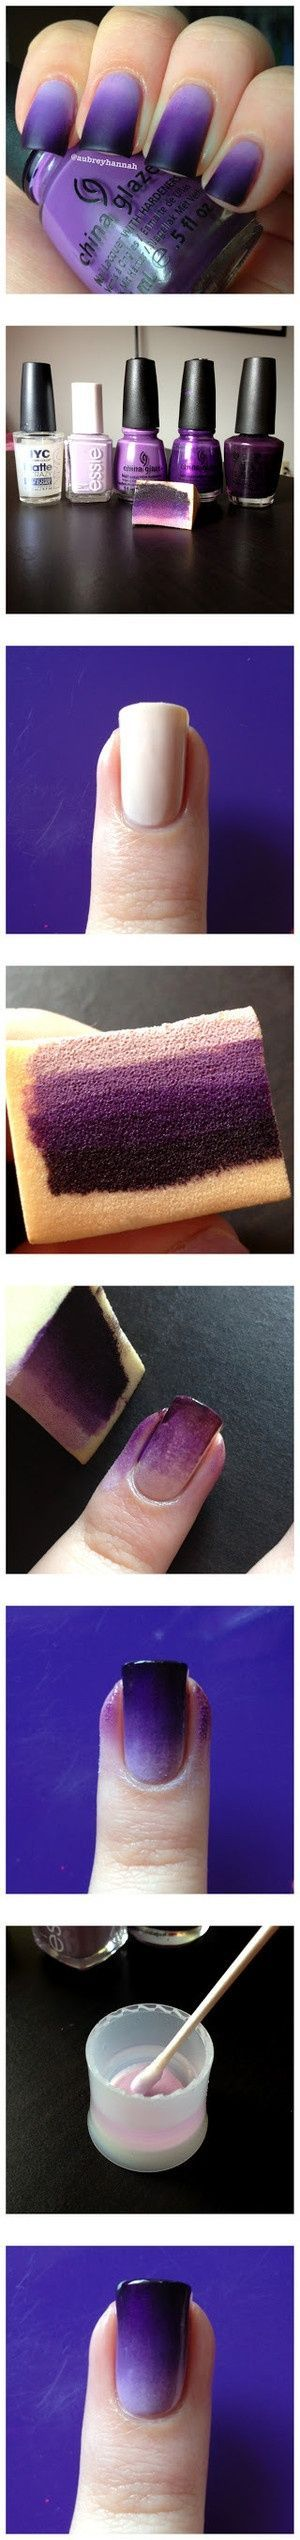 Con solo un pedacito de esponja puedes obtener estos diseños.